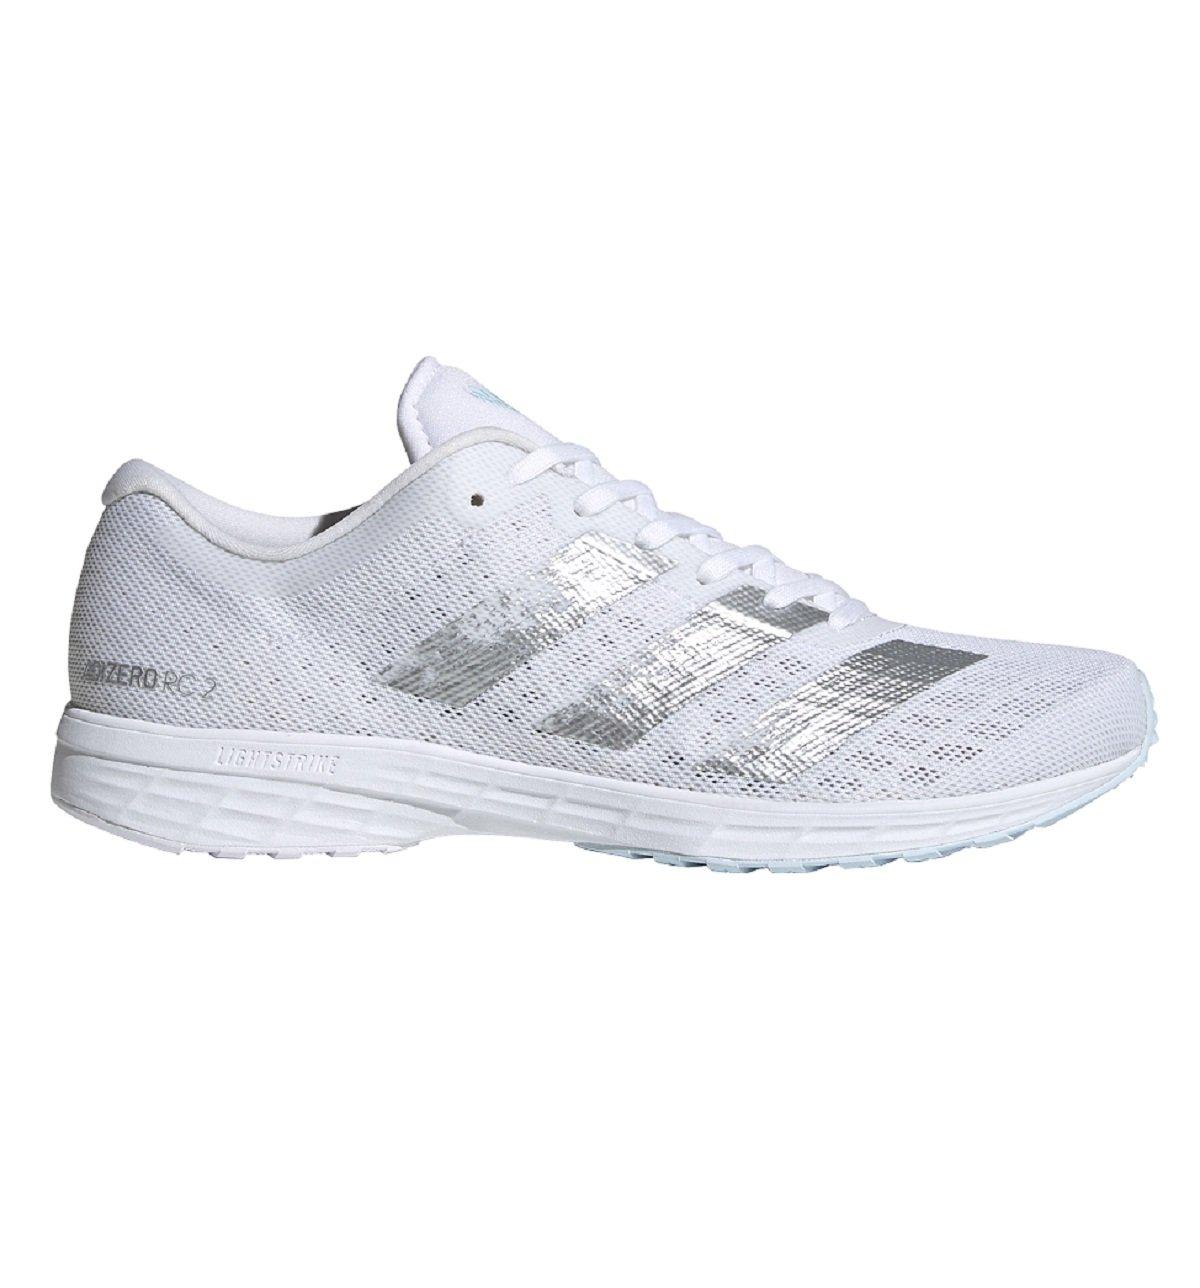 Zapatilla Blanca Adidas Adizero RC 2.0